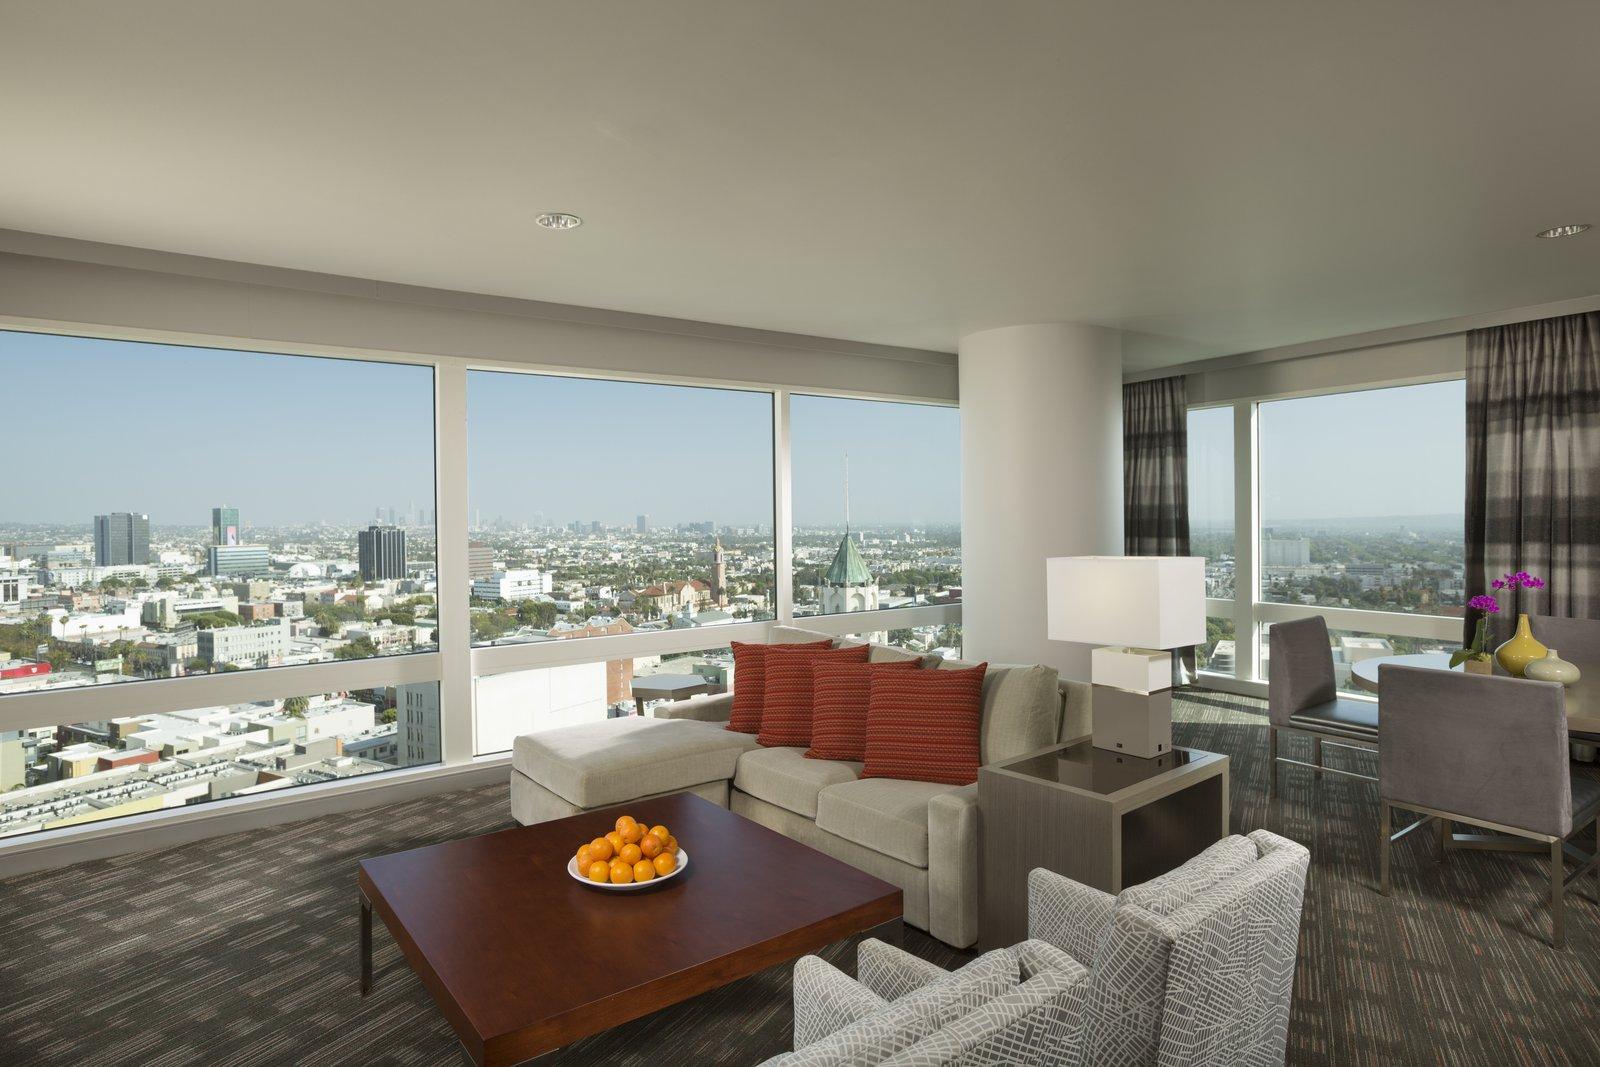 loews hotels resorts designer destinations ad360. Black Bedroom Furniture Sets. Home Design Ideas